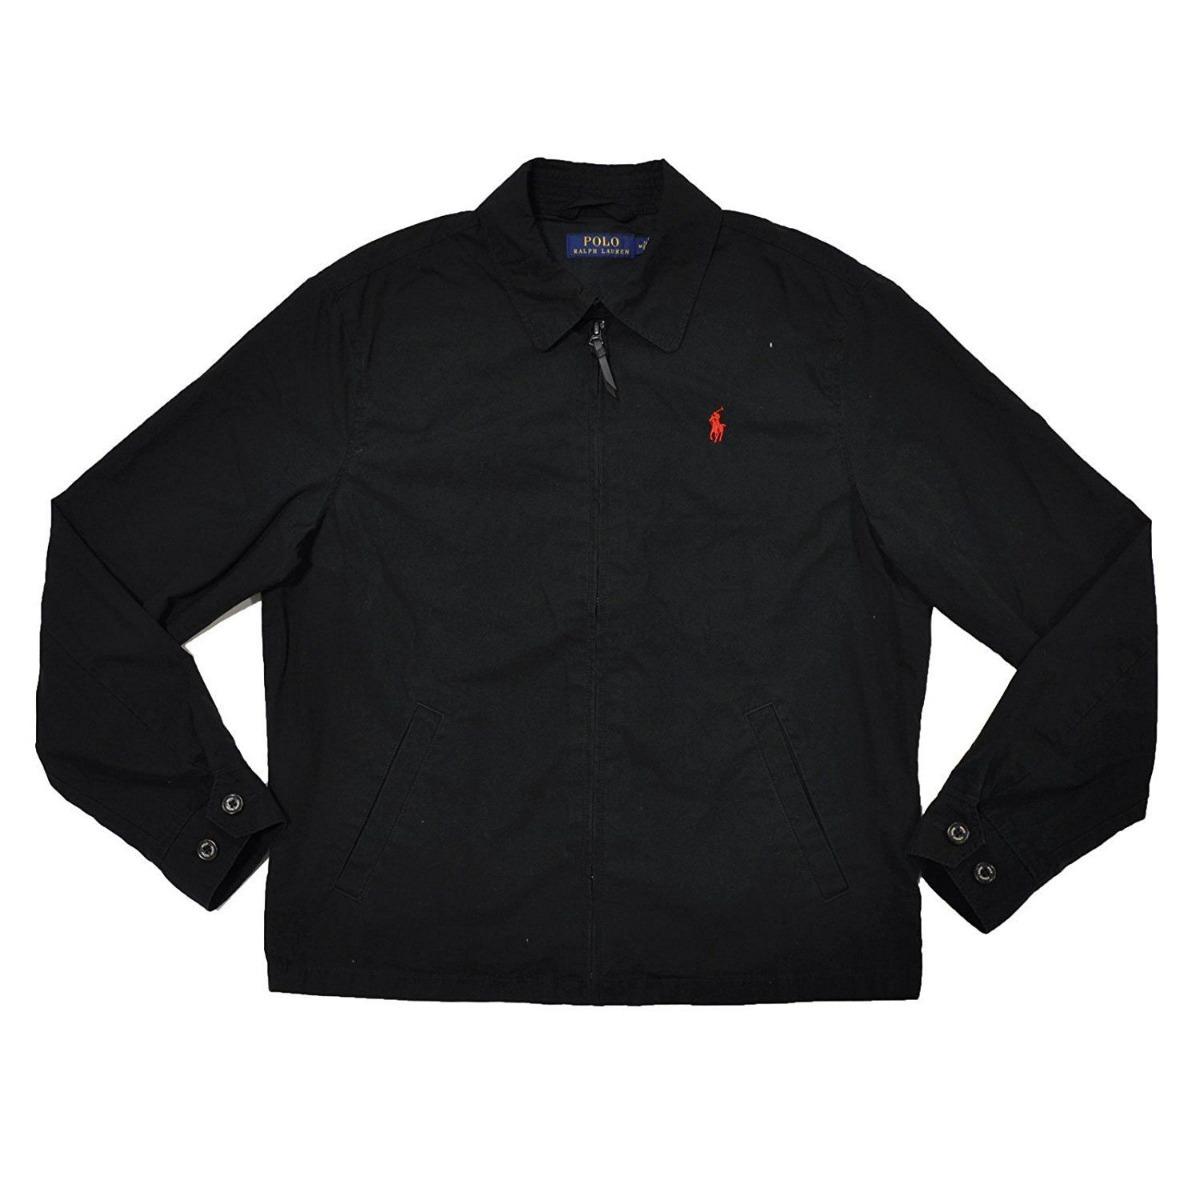 1a4c2c69e52 casaco jaqueta polo ralph lauren tamanho m novo original.  Carregando zoom. b7c2211f5edaa